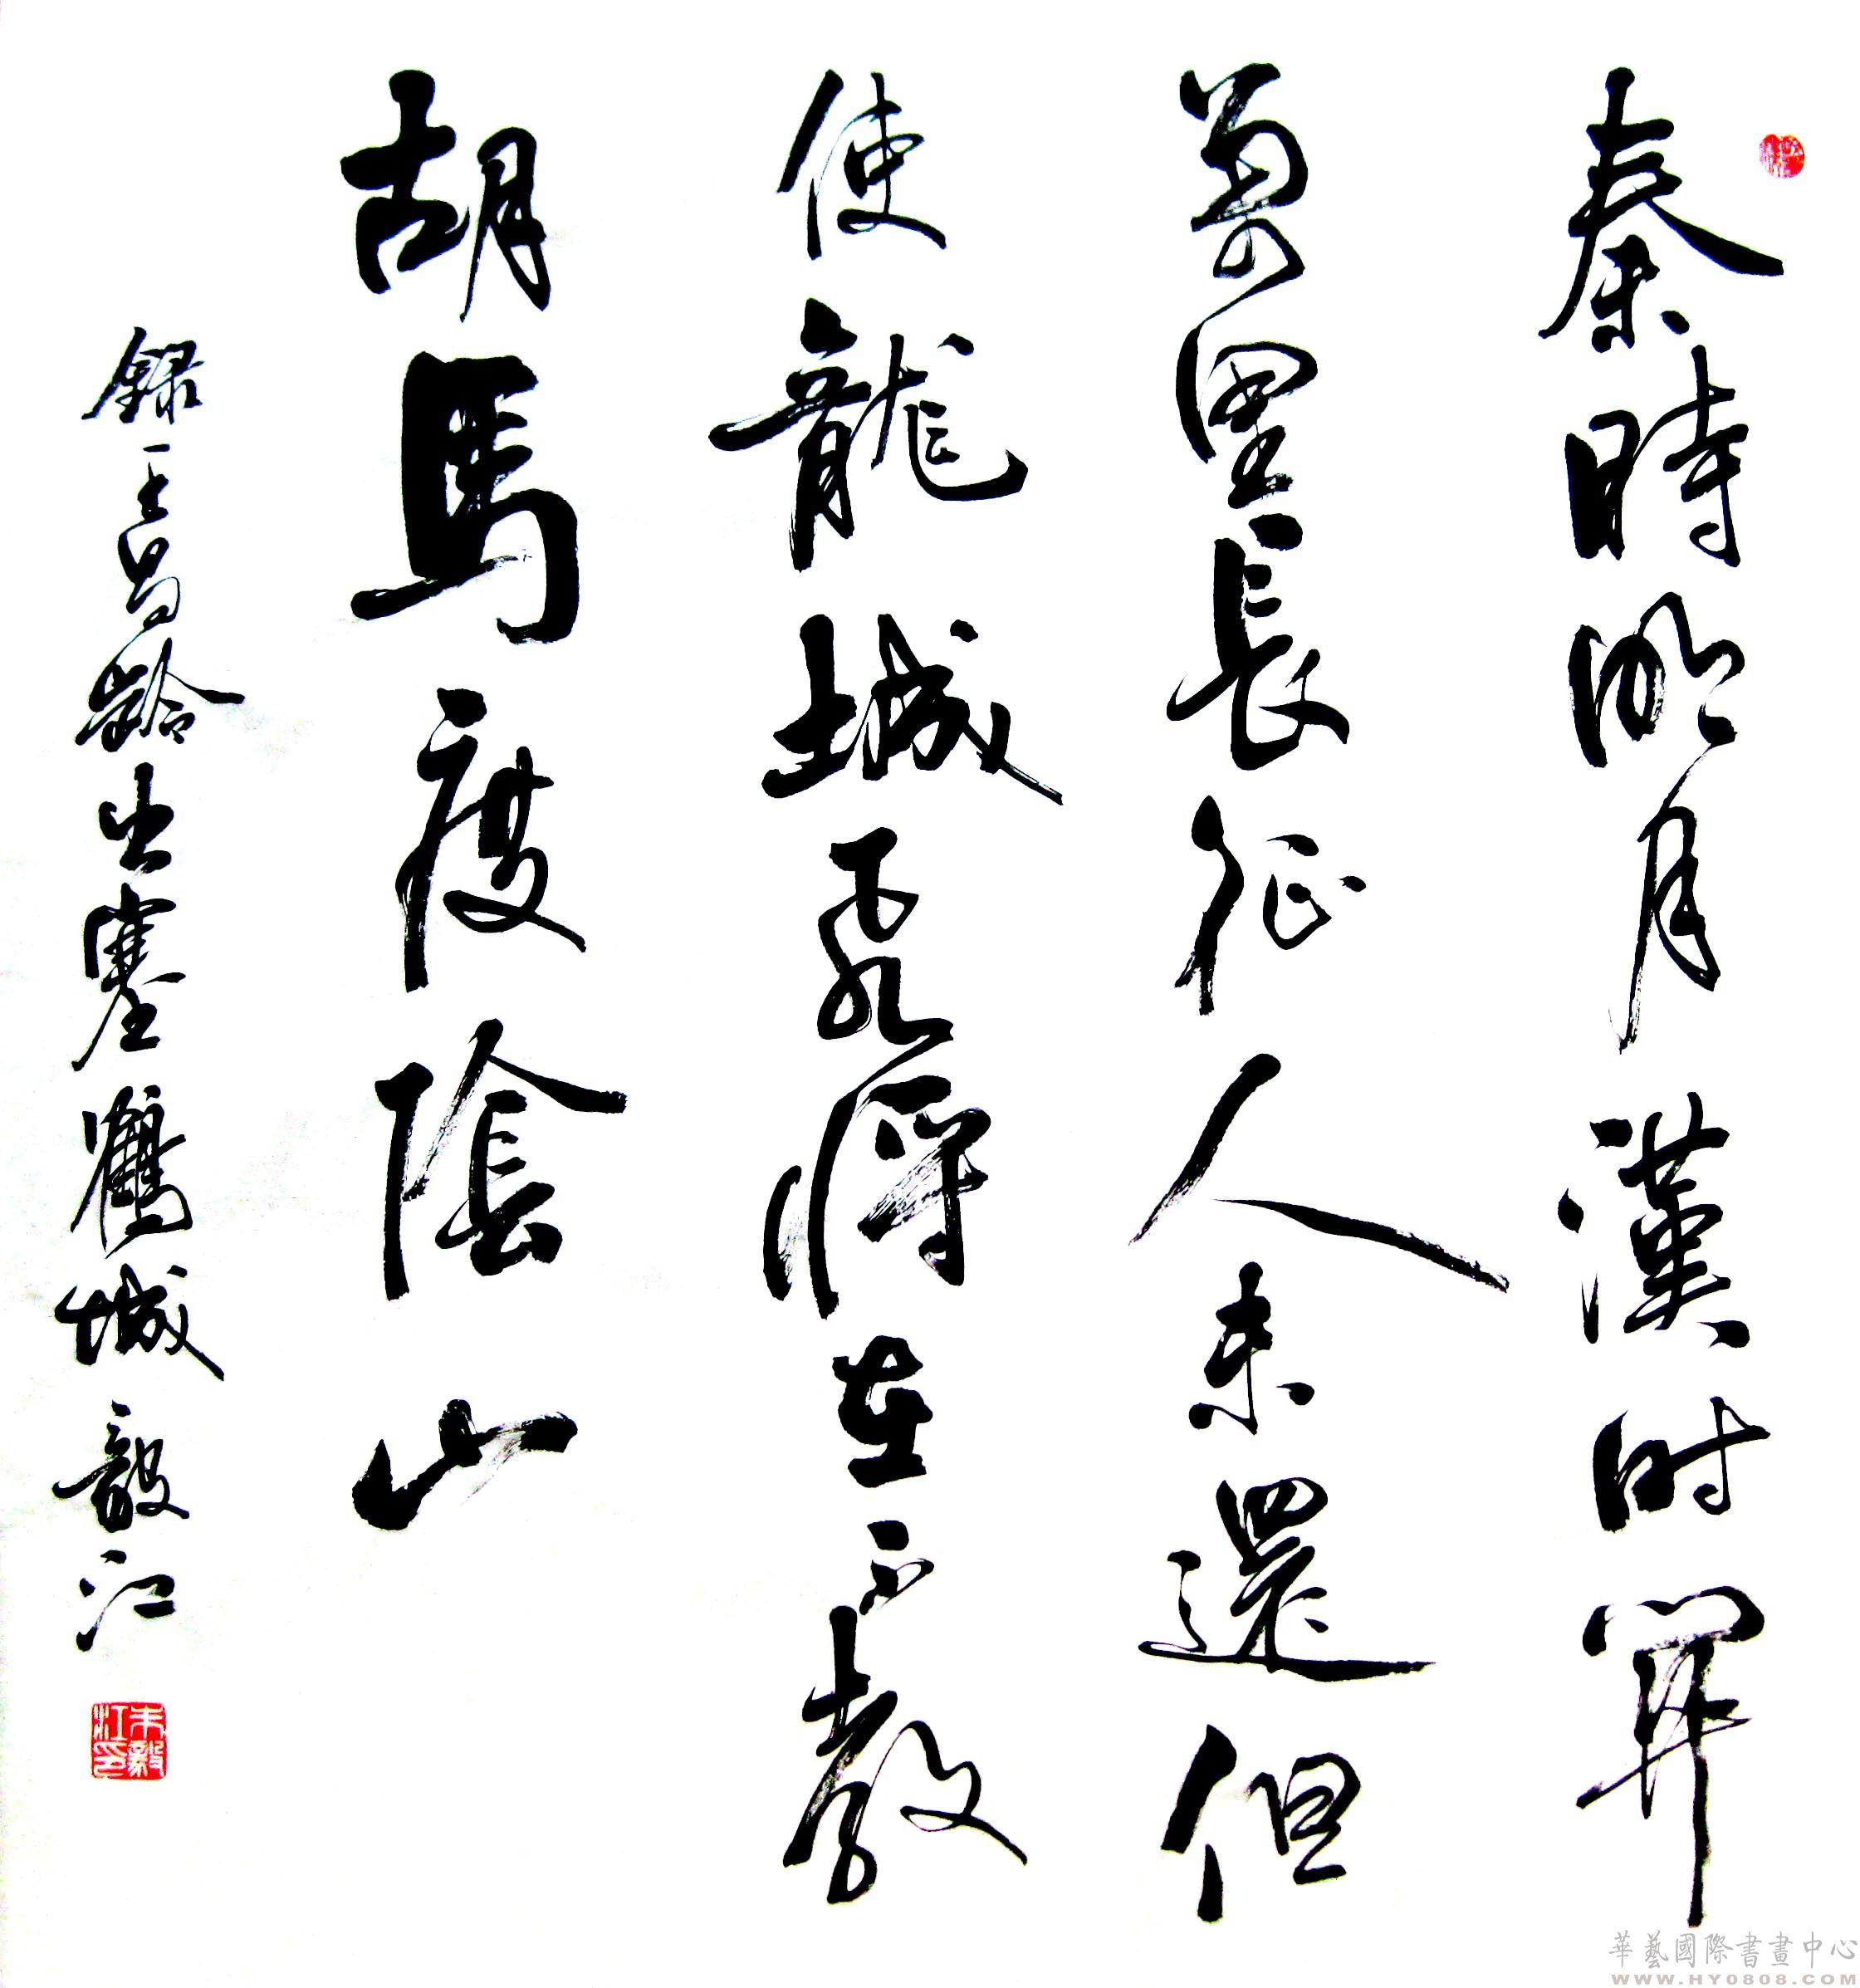 毛笔字写诗的格式图片